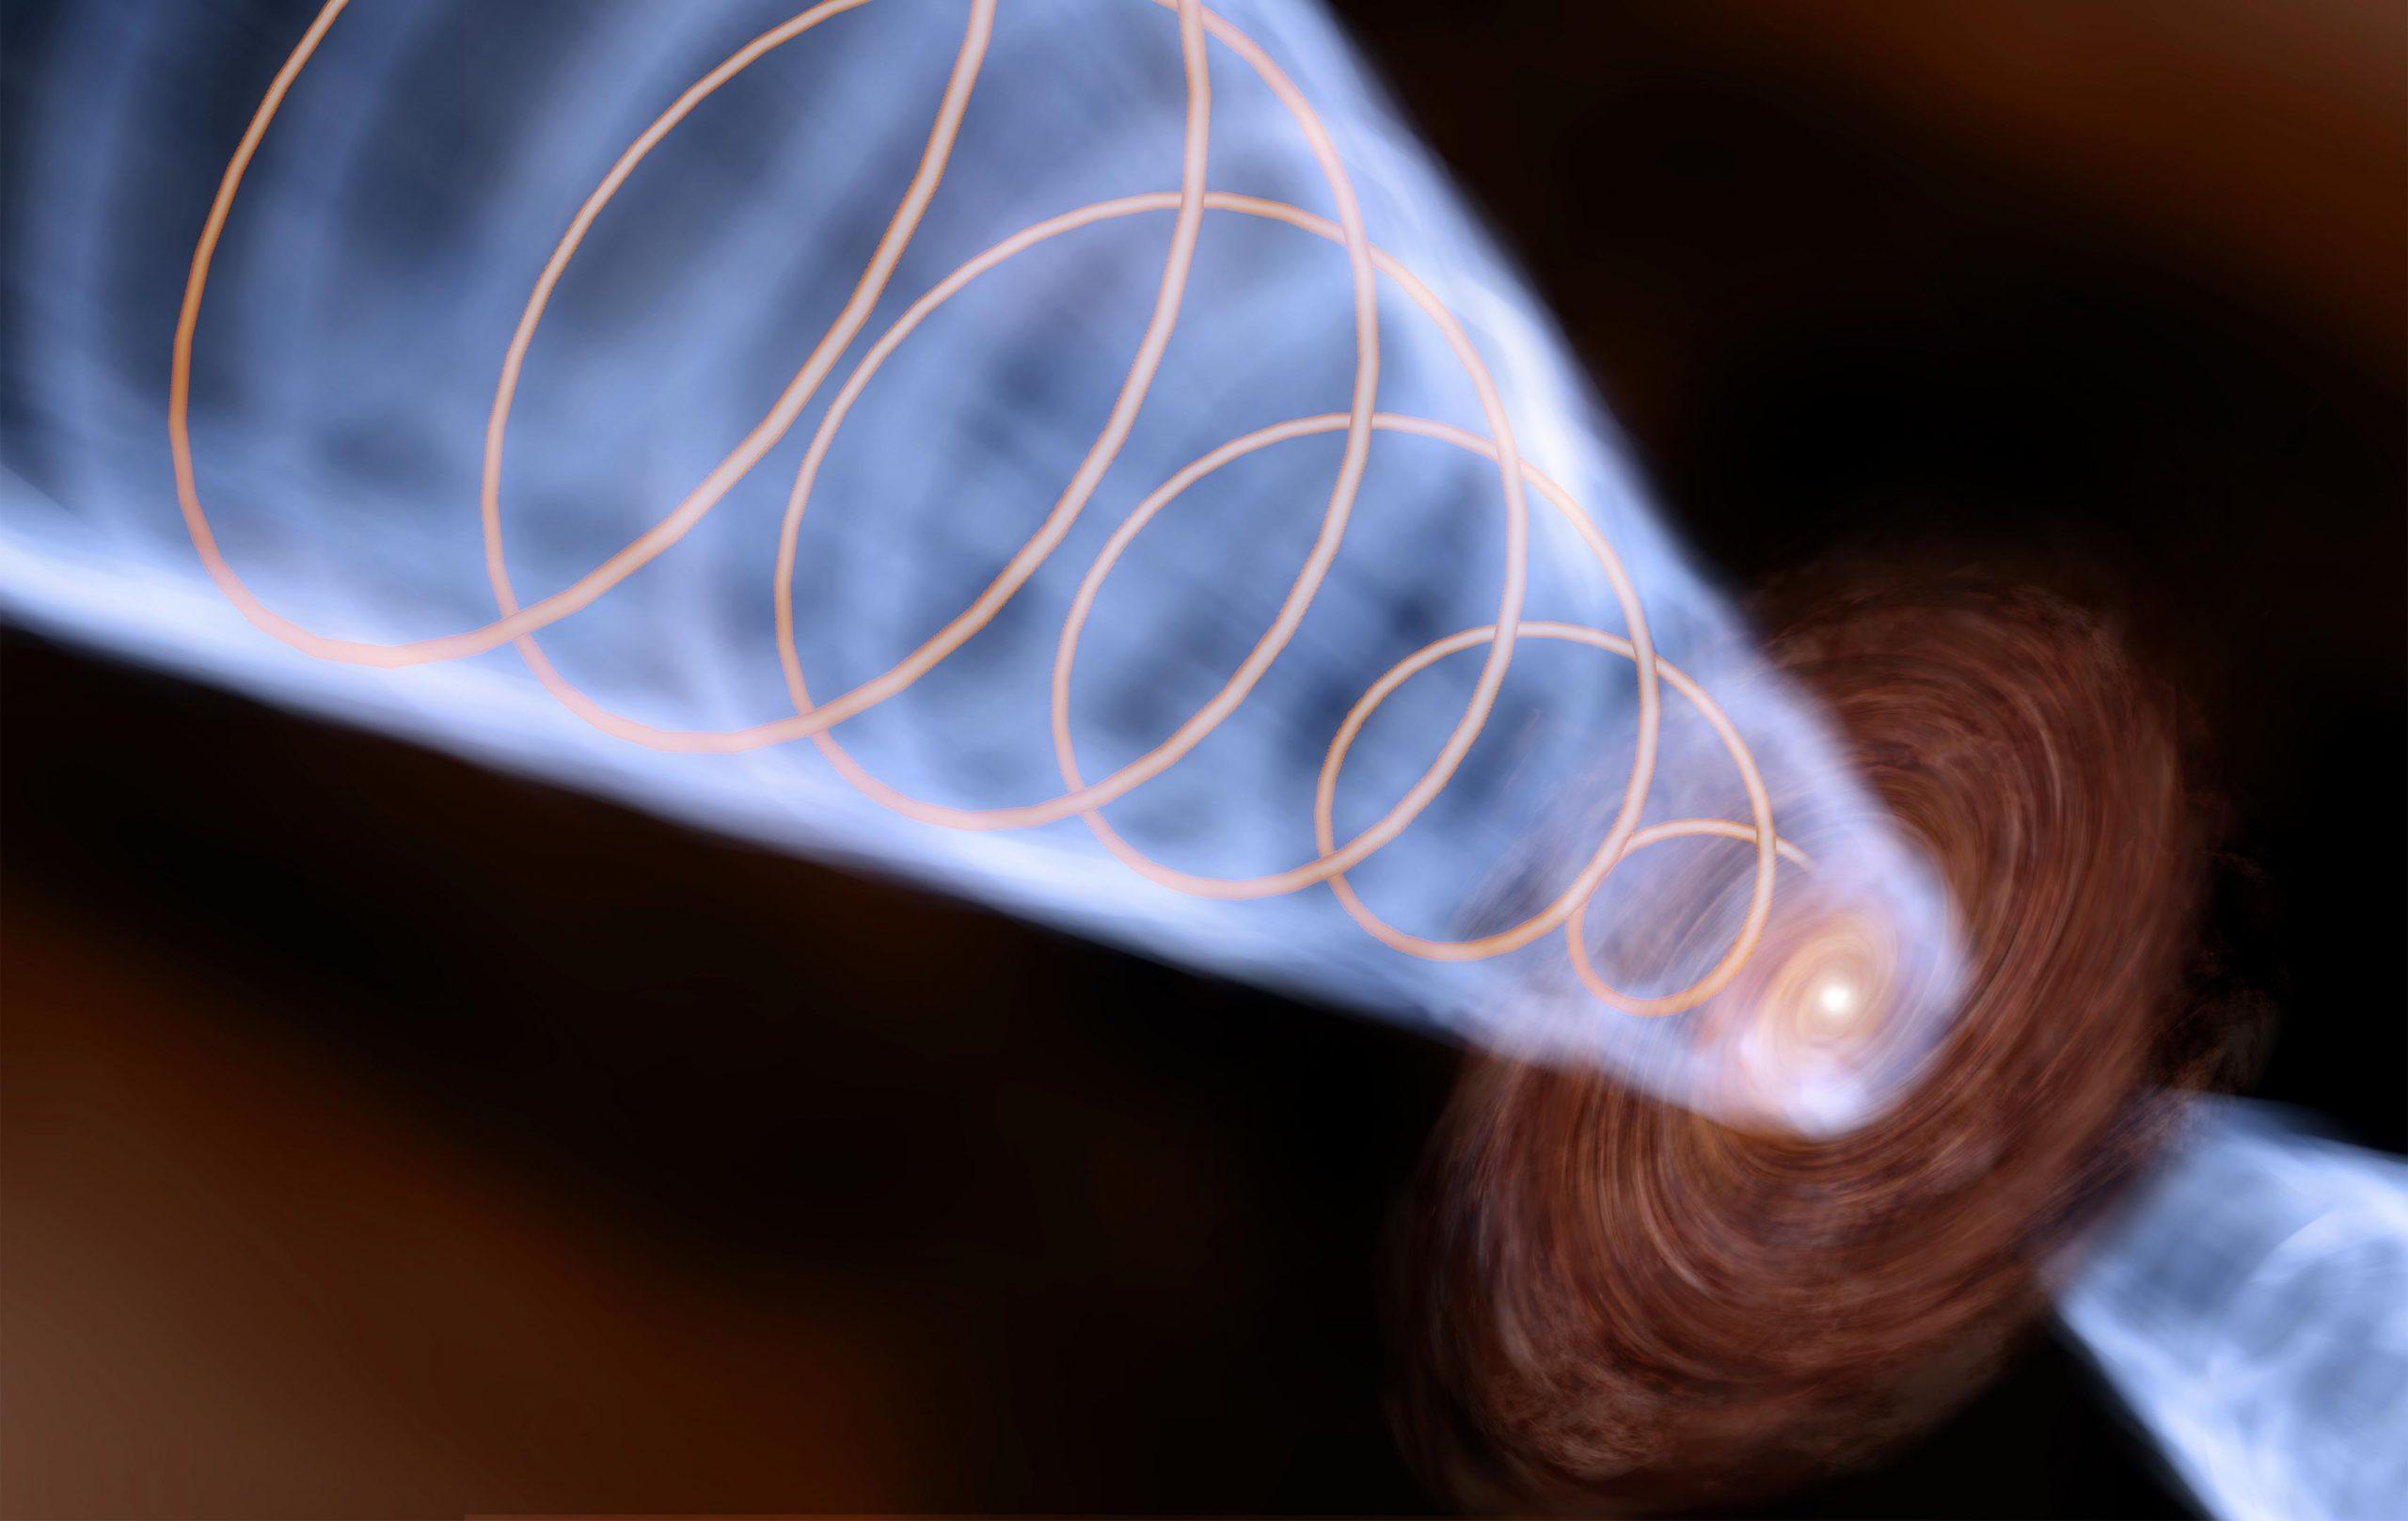 来自原星(年轻恒星)OMC 2/FIR 6B的喷流正在以非常高的速度旋转